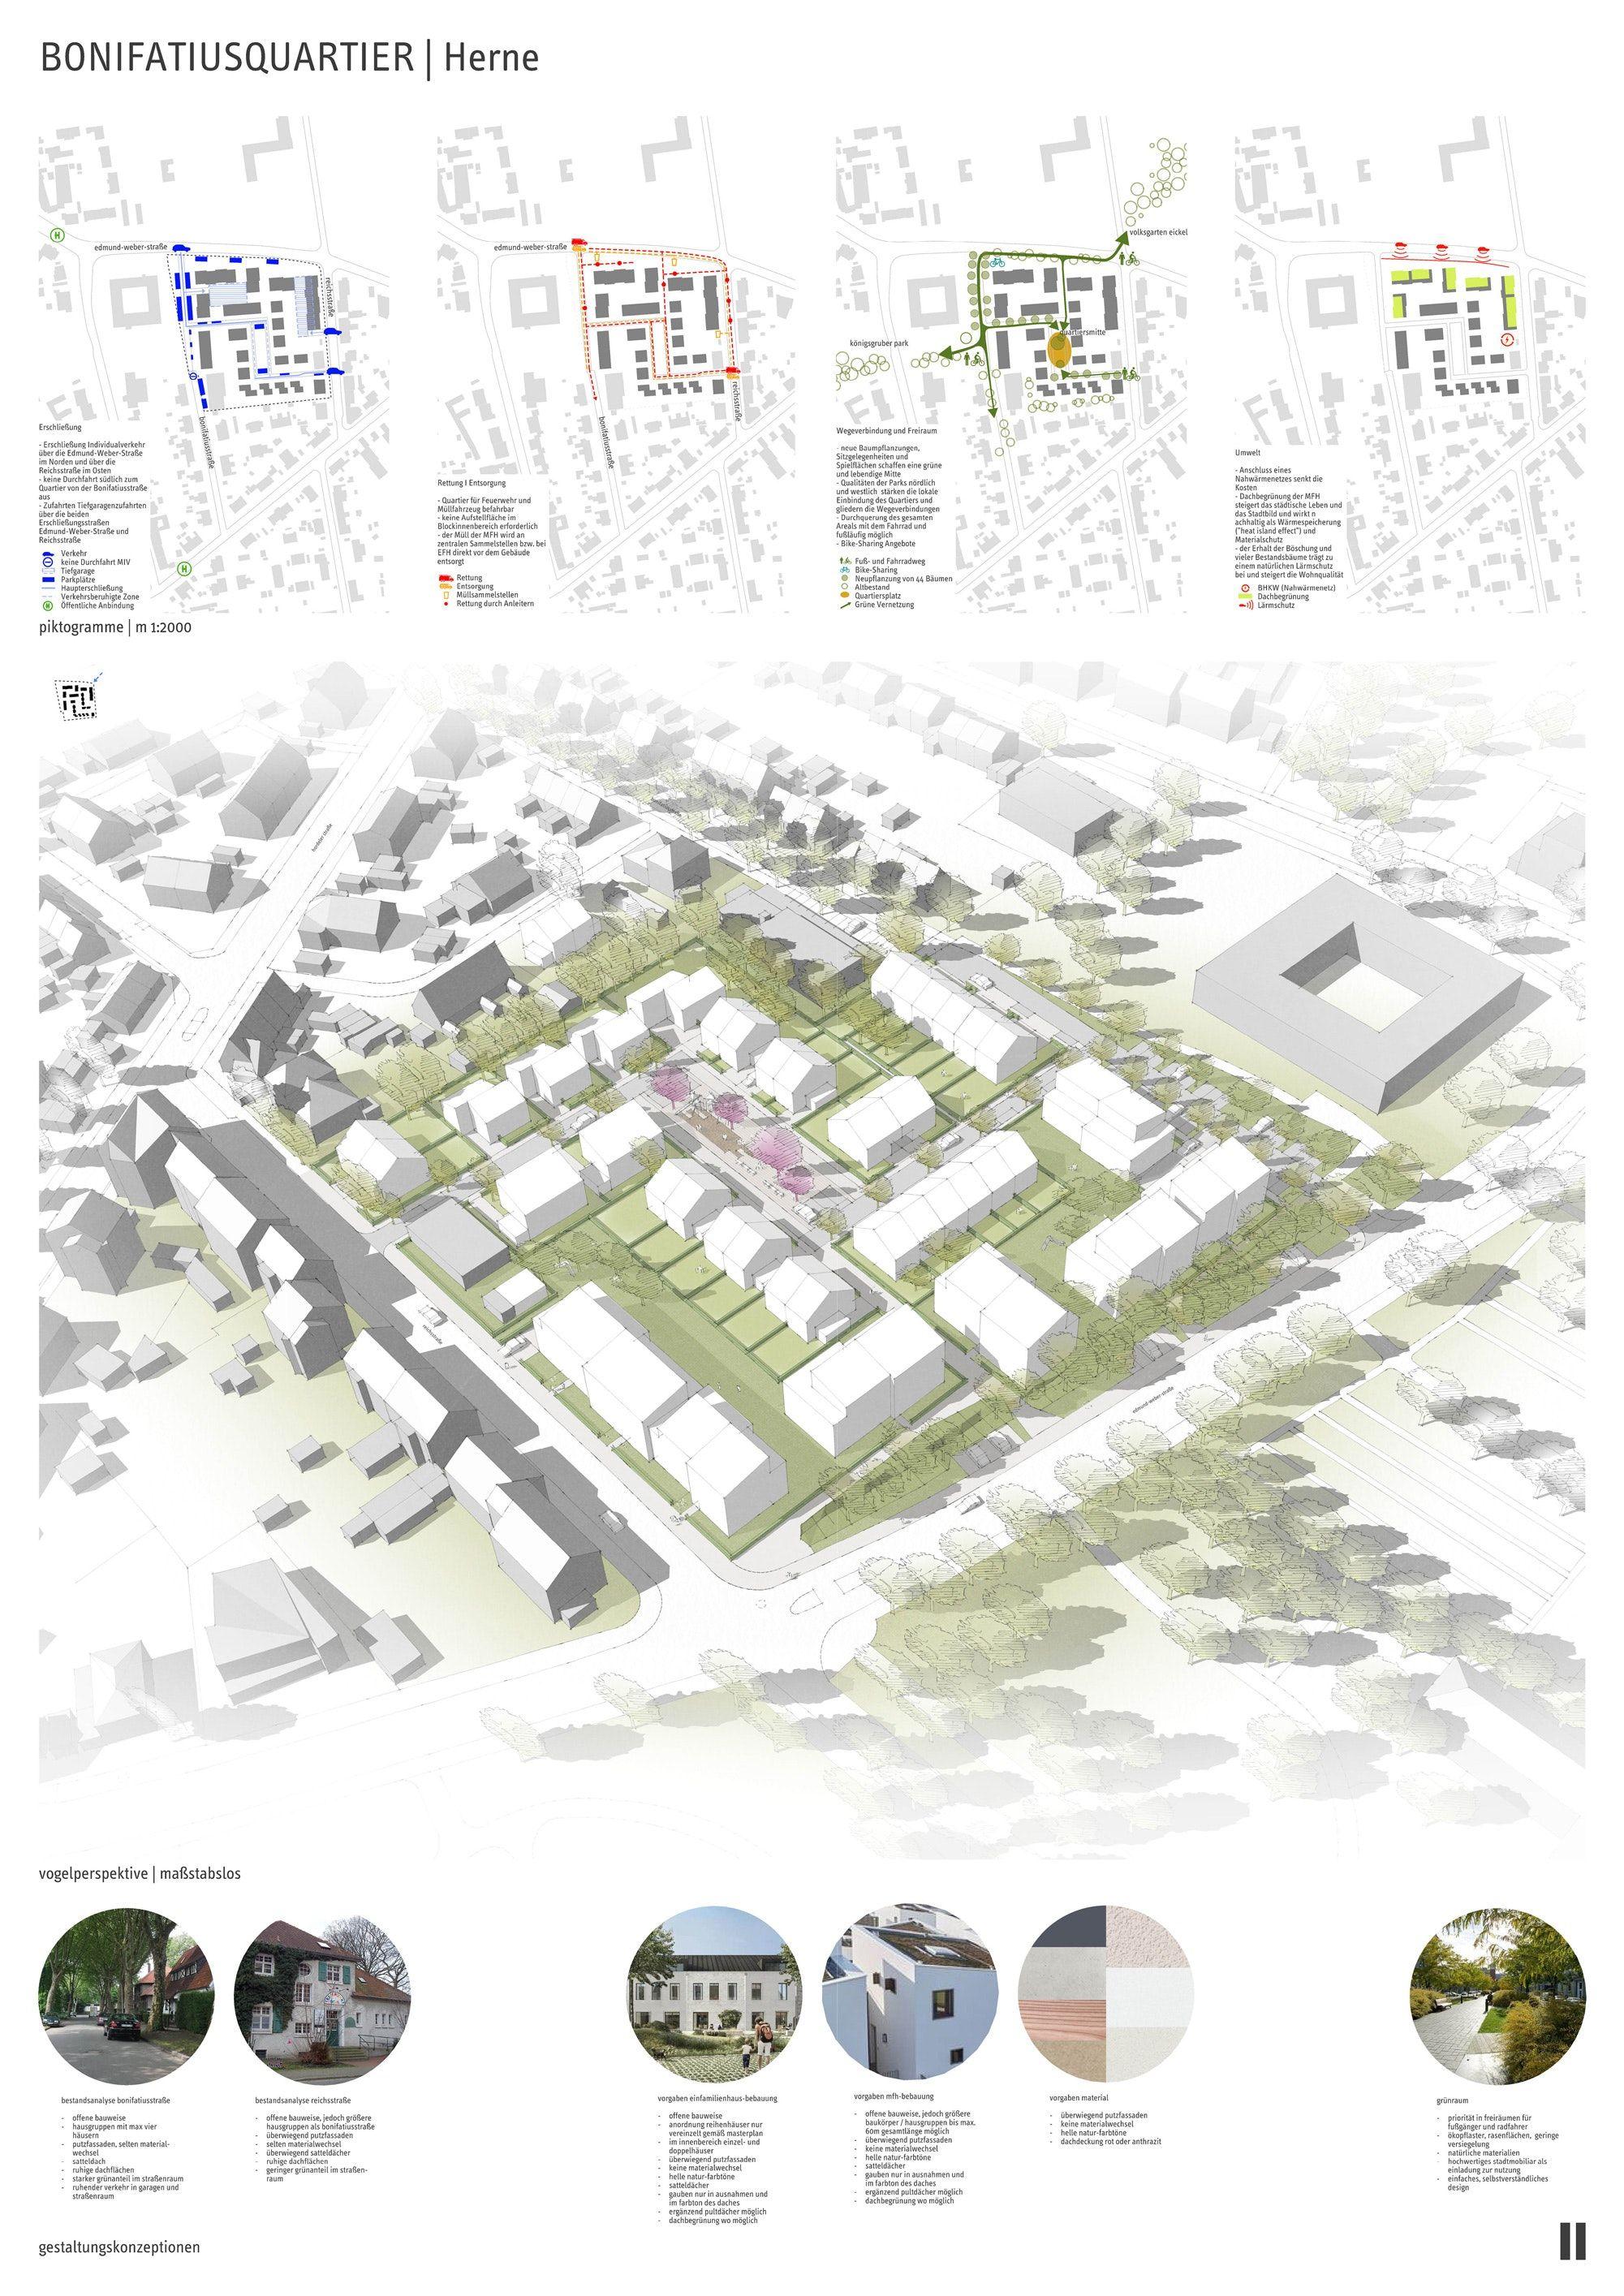 Ergebnis Entwicklung Des Wohnquartiers Sportplat Competitionline Urban Design Plan Urban Planning Design Board Layout